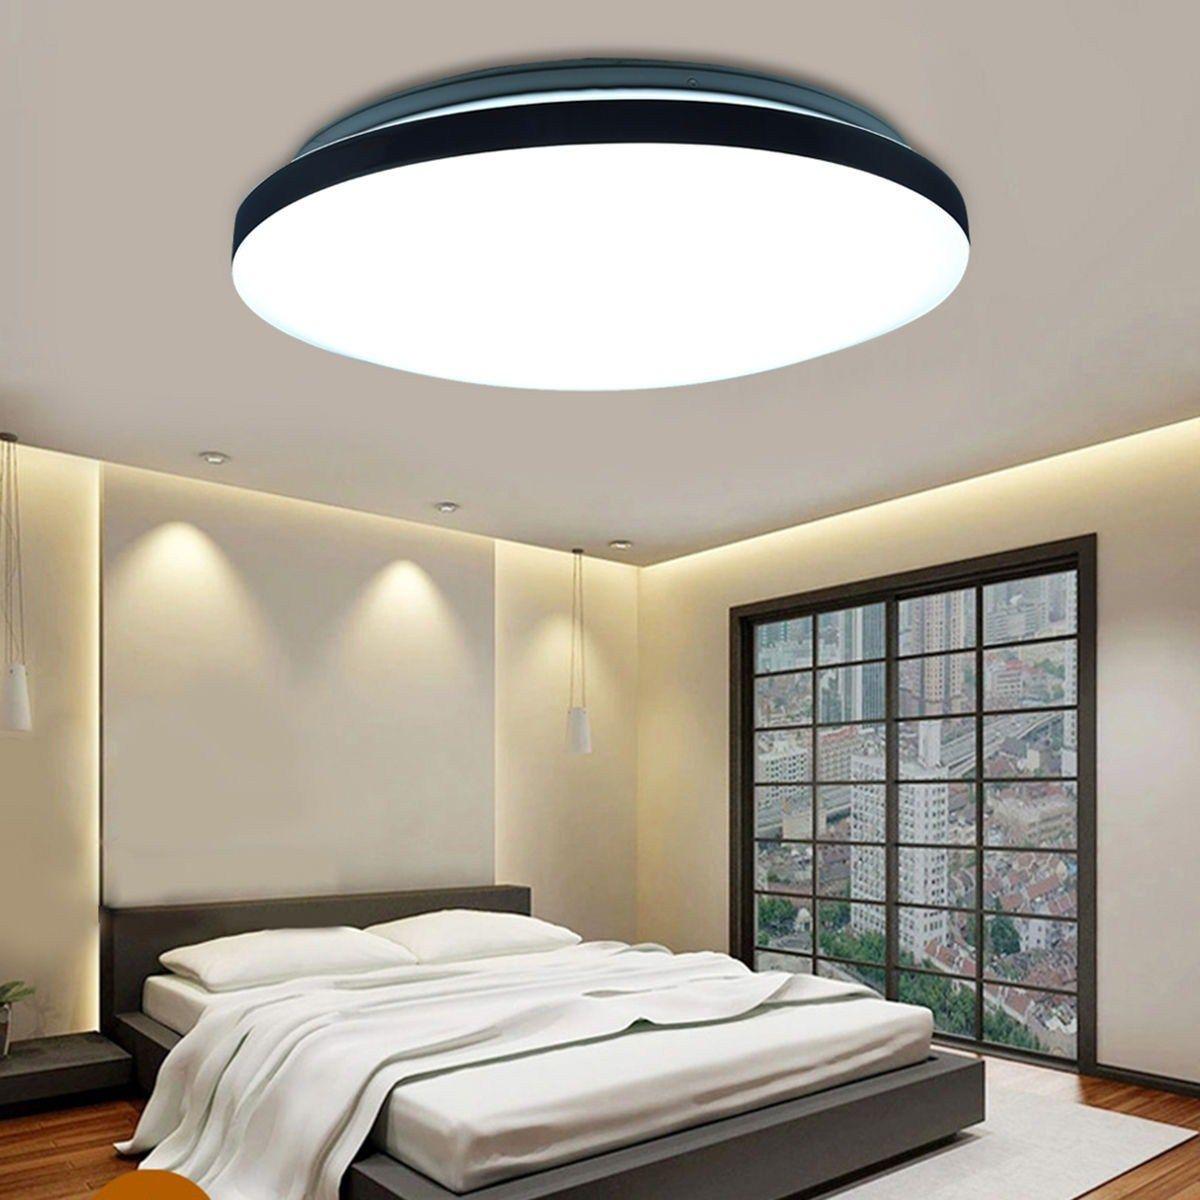 15 Beeindruckend Lager Von Deckenlampe Wohnzimmer Design